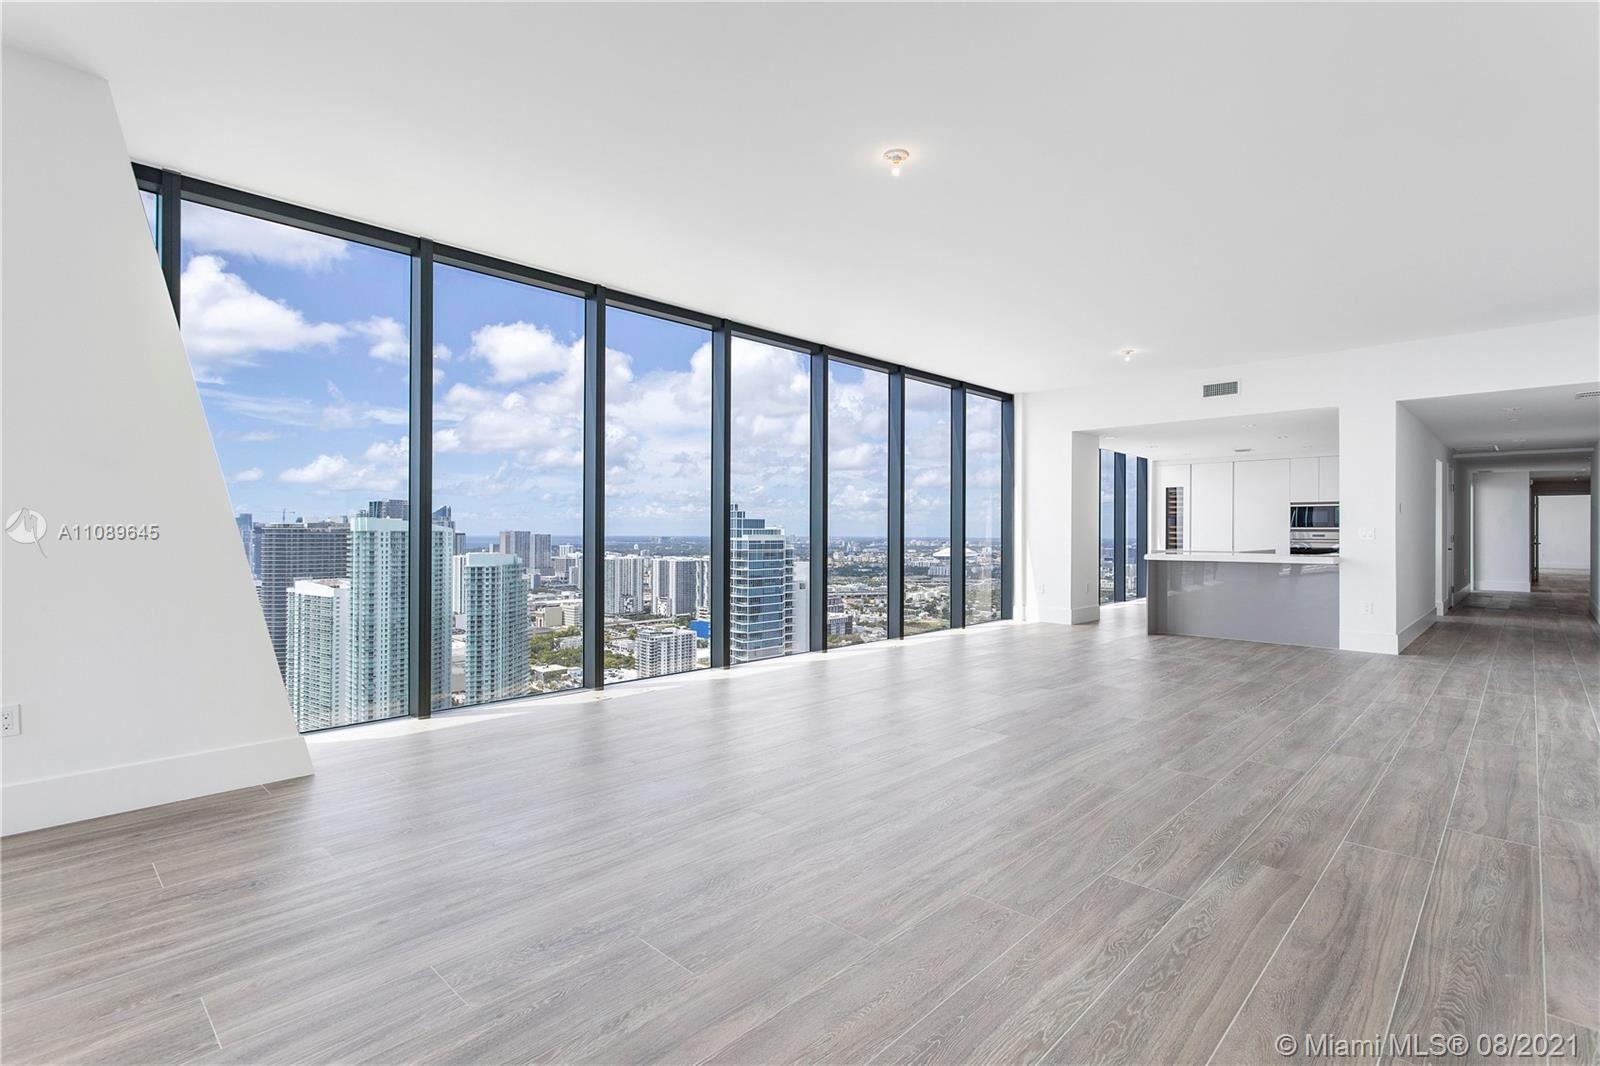 Photo of Miami, FL 33137 (MLS # A11089645)